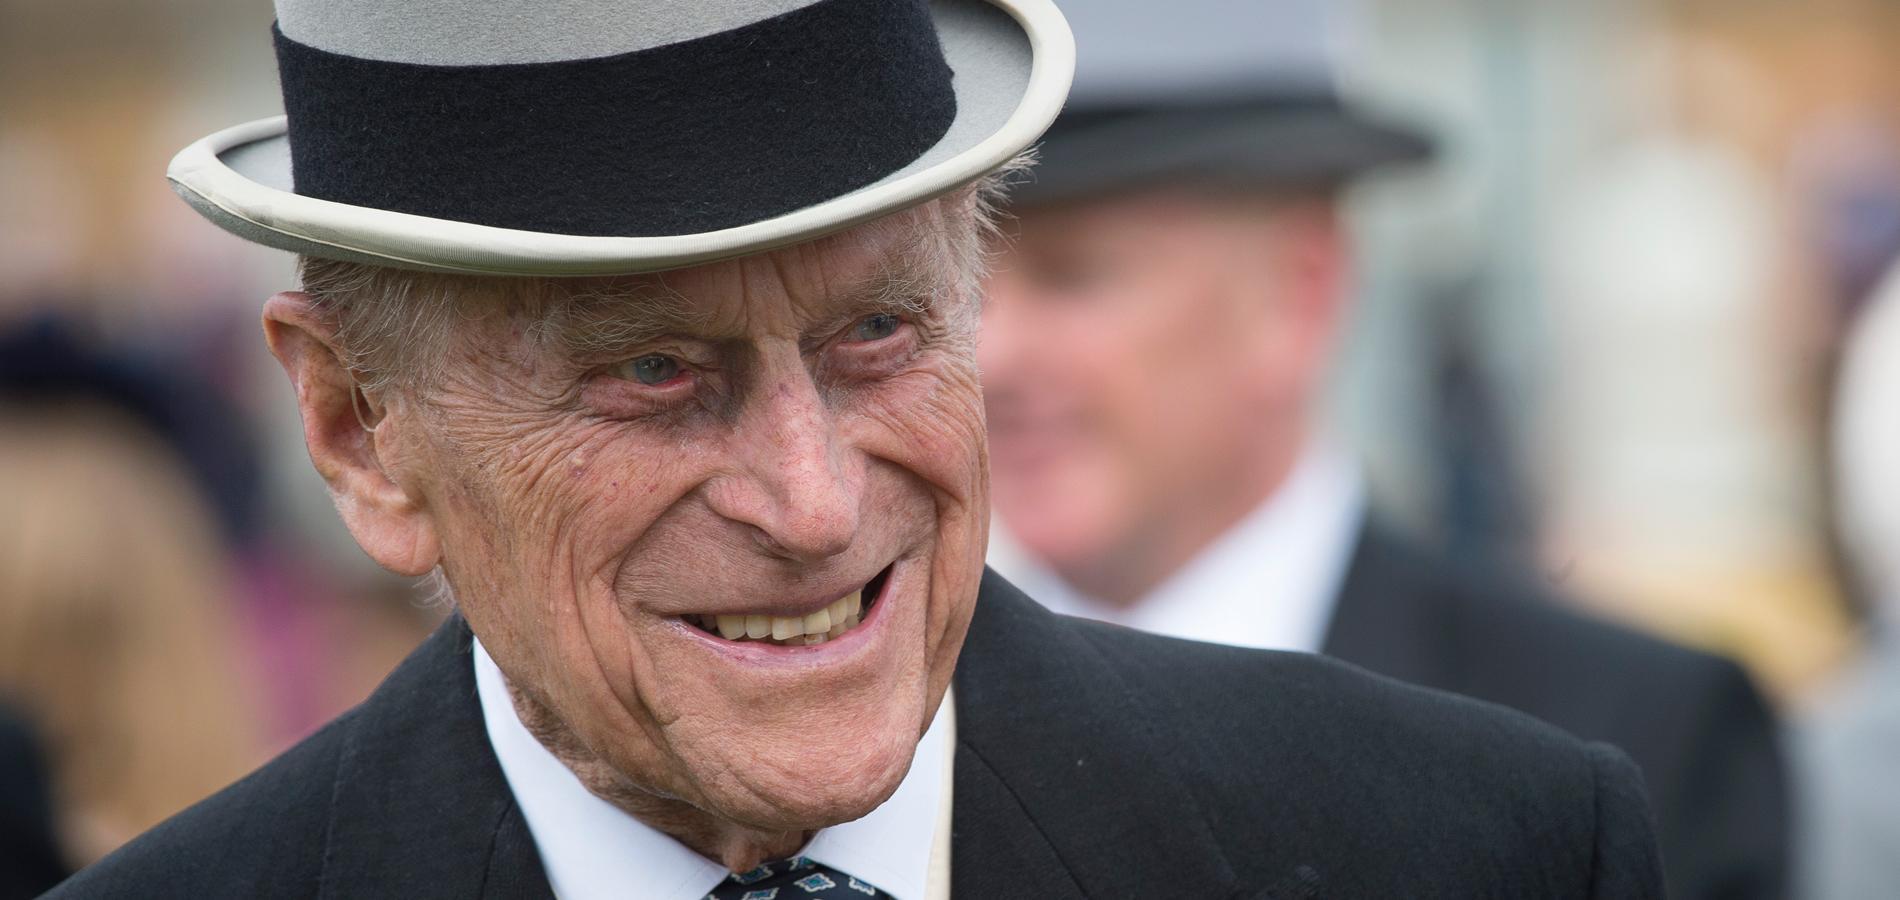 À 96 ans, le prince Philip tire sa révérence